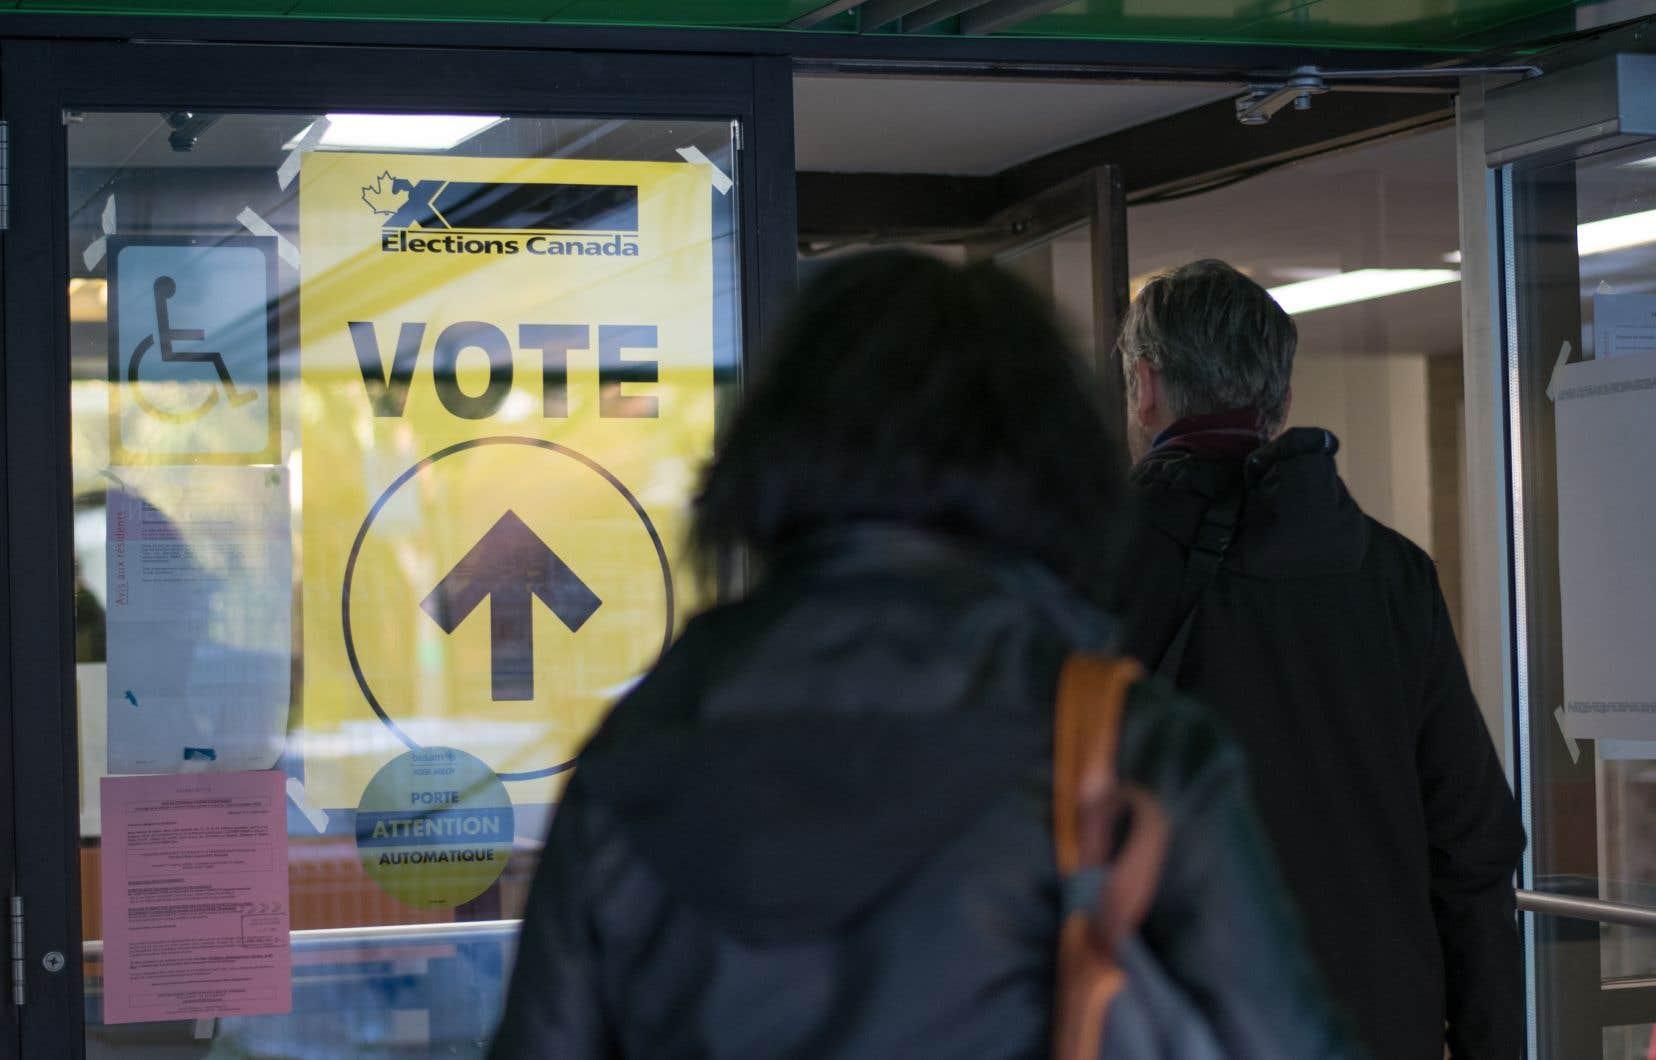 Le chiffre de 4,7 millions d'électeurs ayant voté par anticipation représente une hausse de 29% par rapport à la dernière élection fédérale, en 2015.